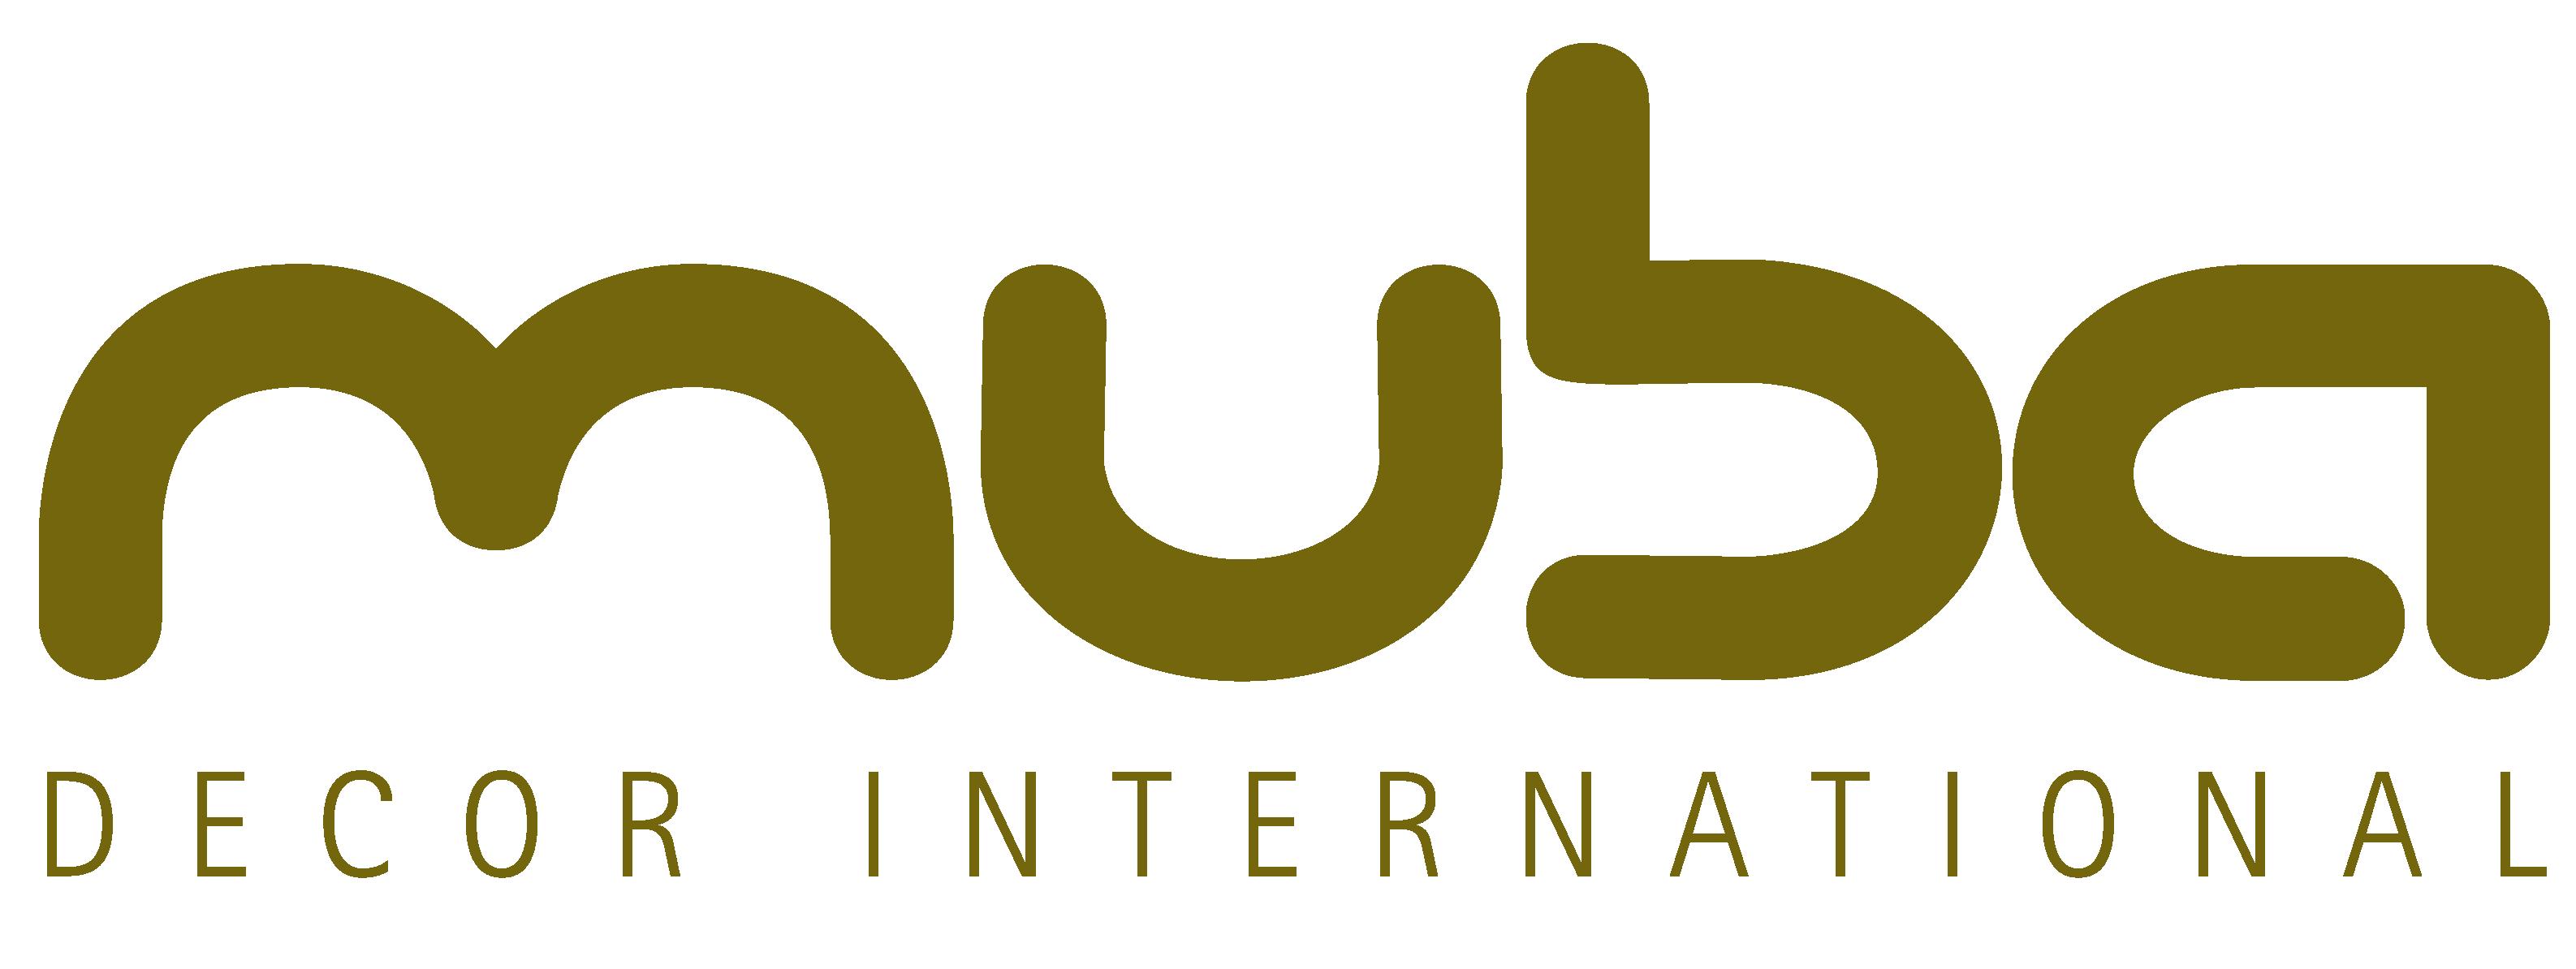 Muba Decor - Muebles de diseño diferente a lo habitual